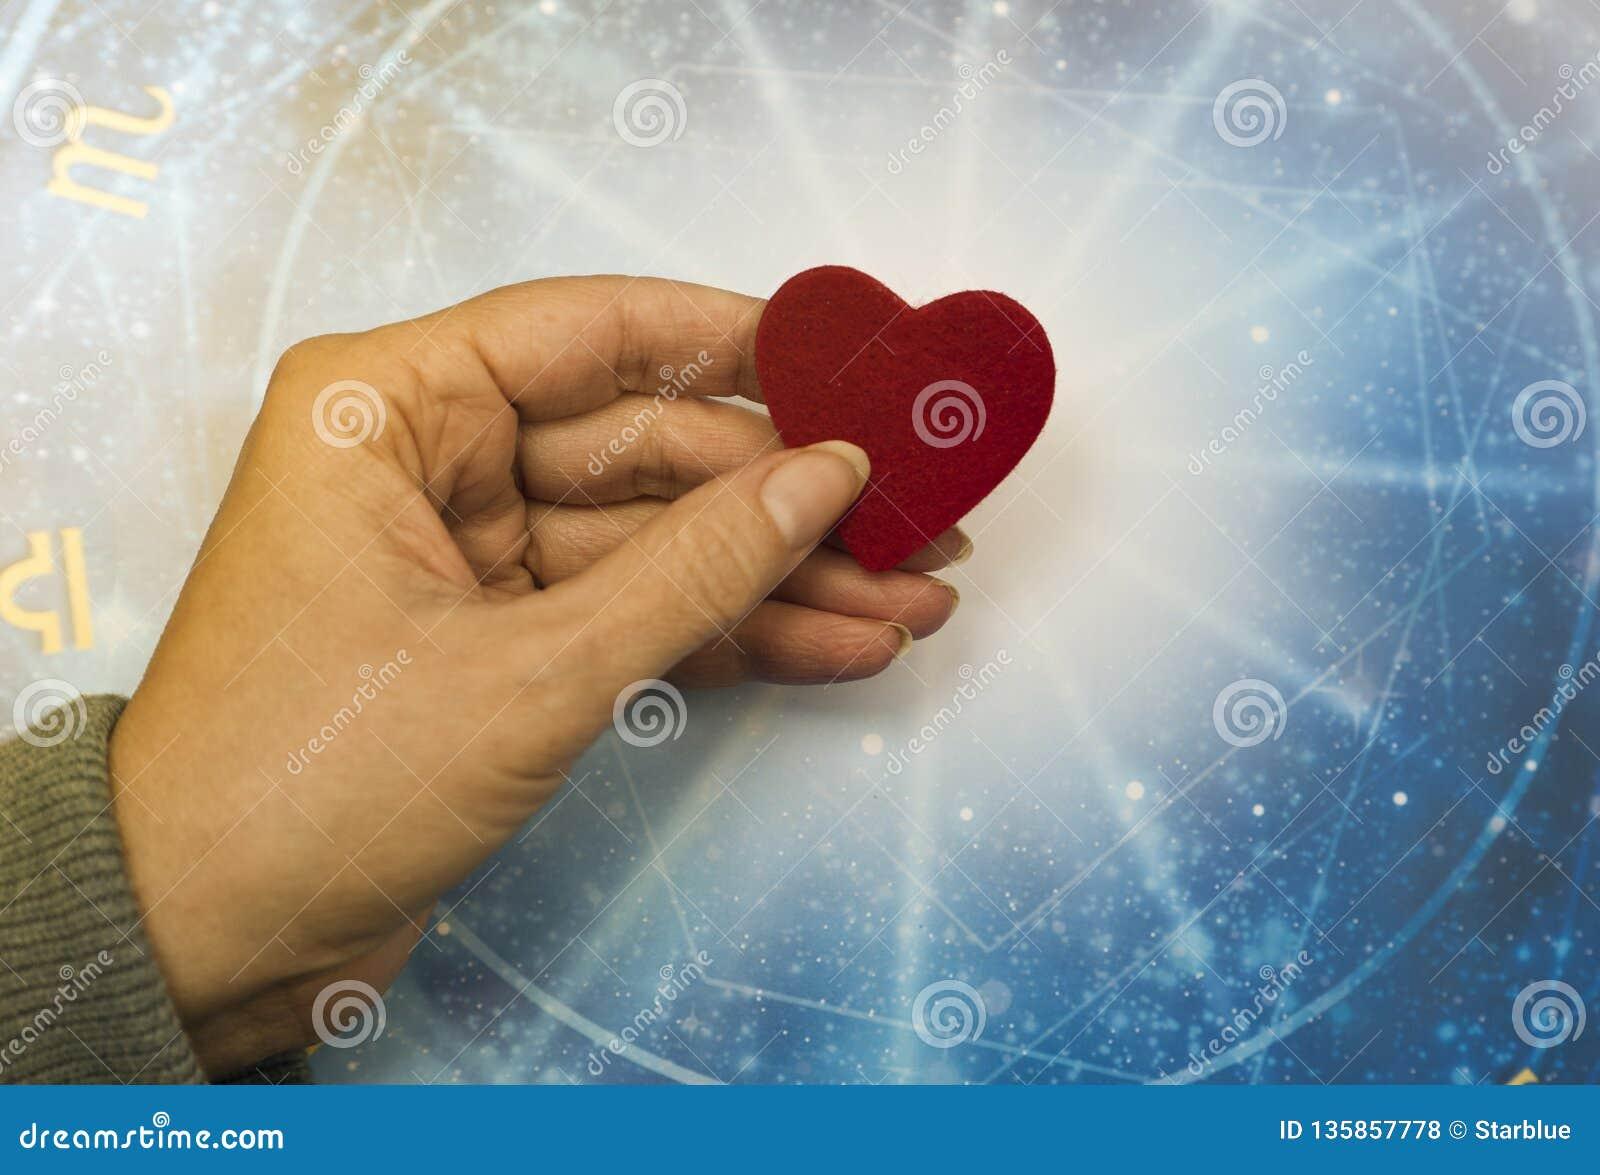 Mano de la mujer que guarda un corazón rojo sobre horóscopo azul como concepto de la astrología, del zodiaco y del amor